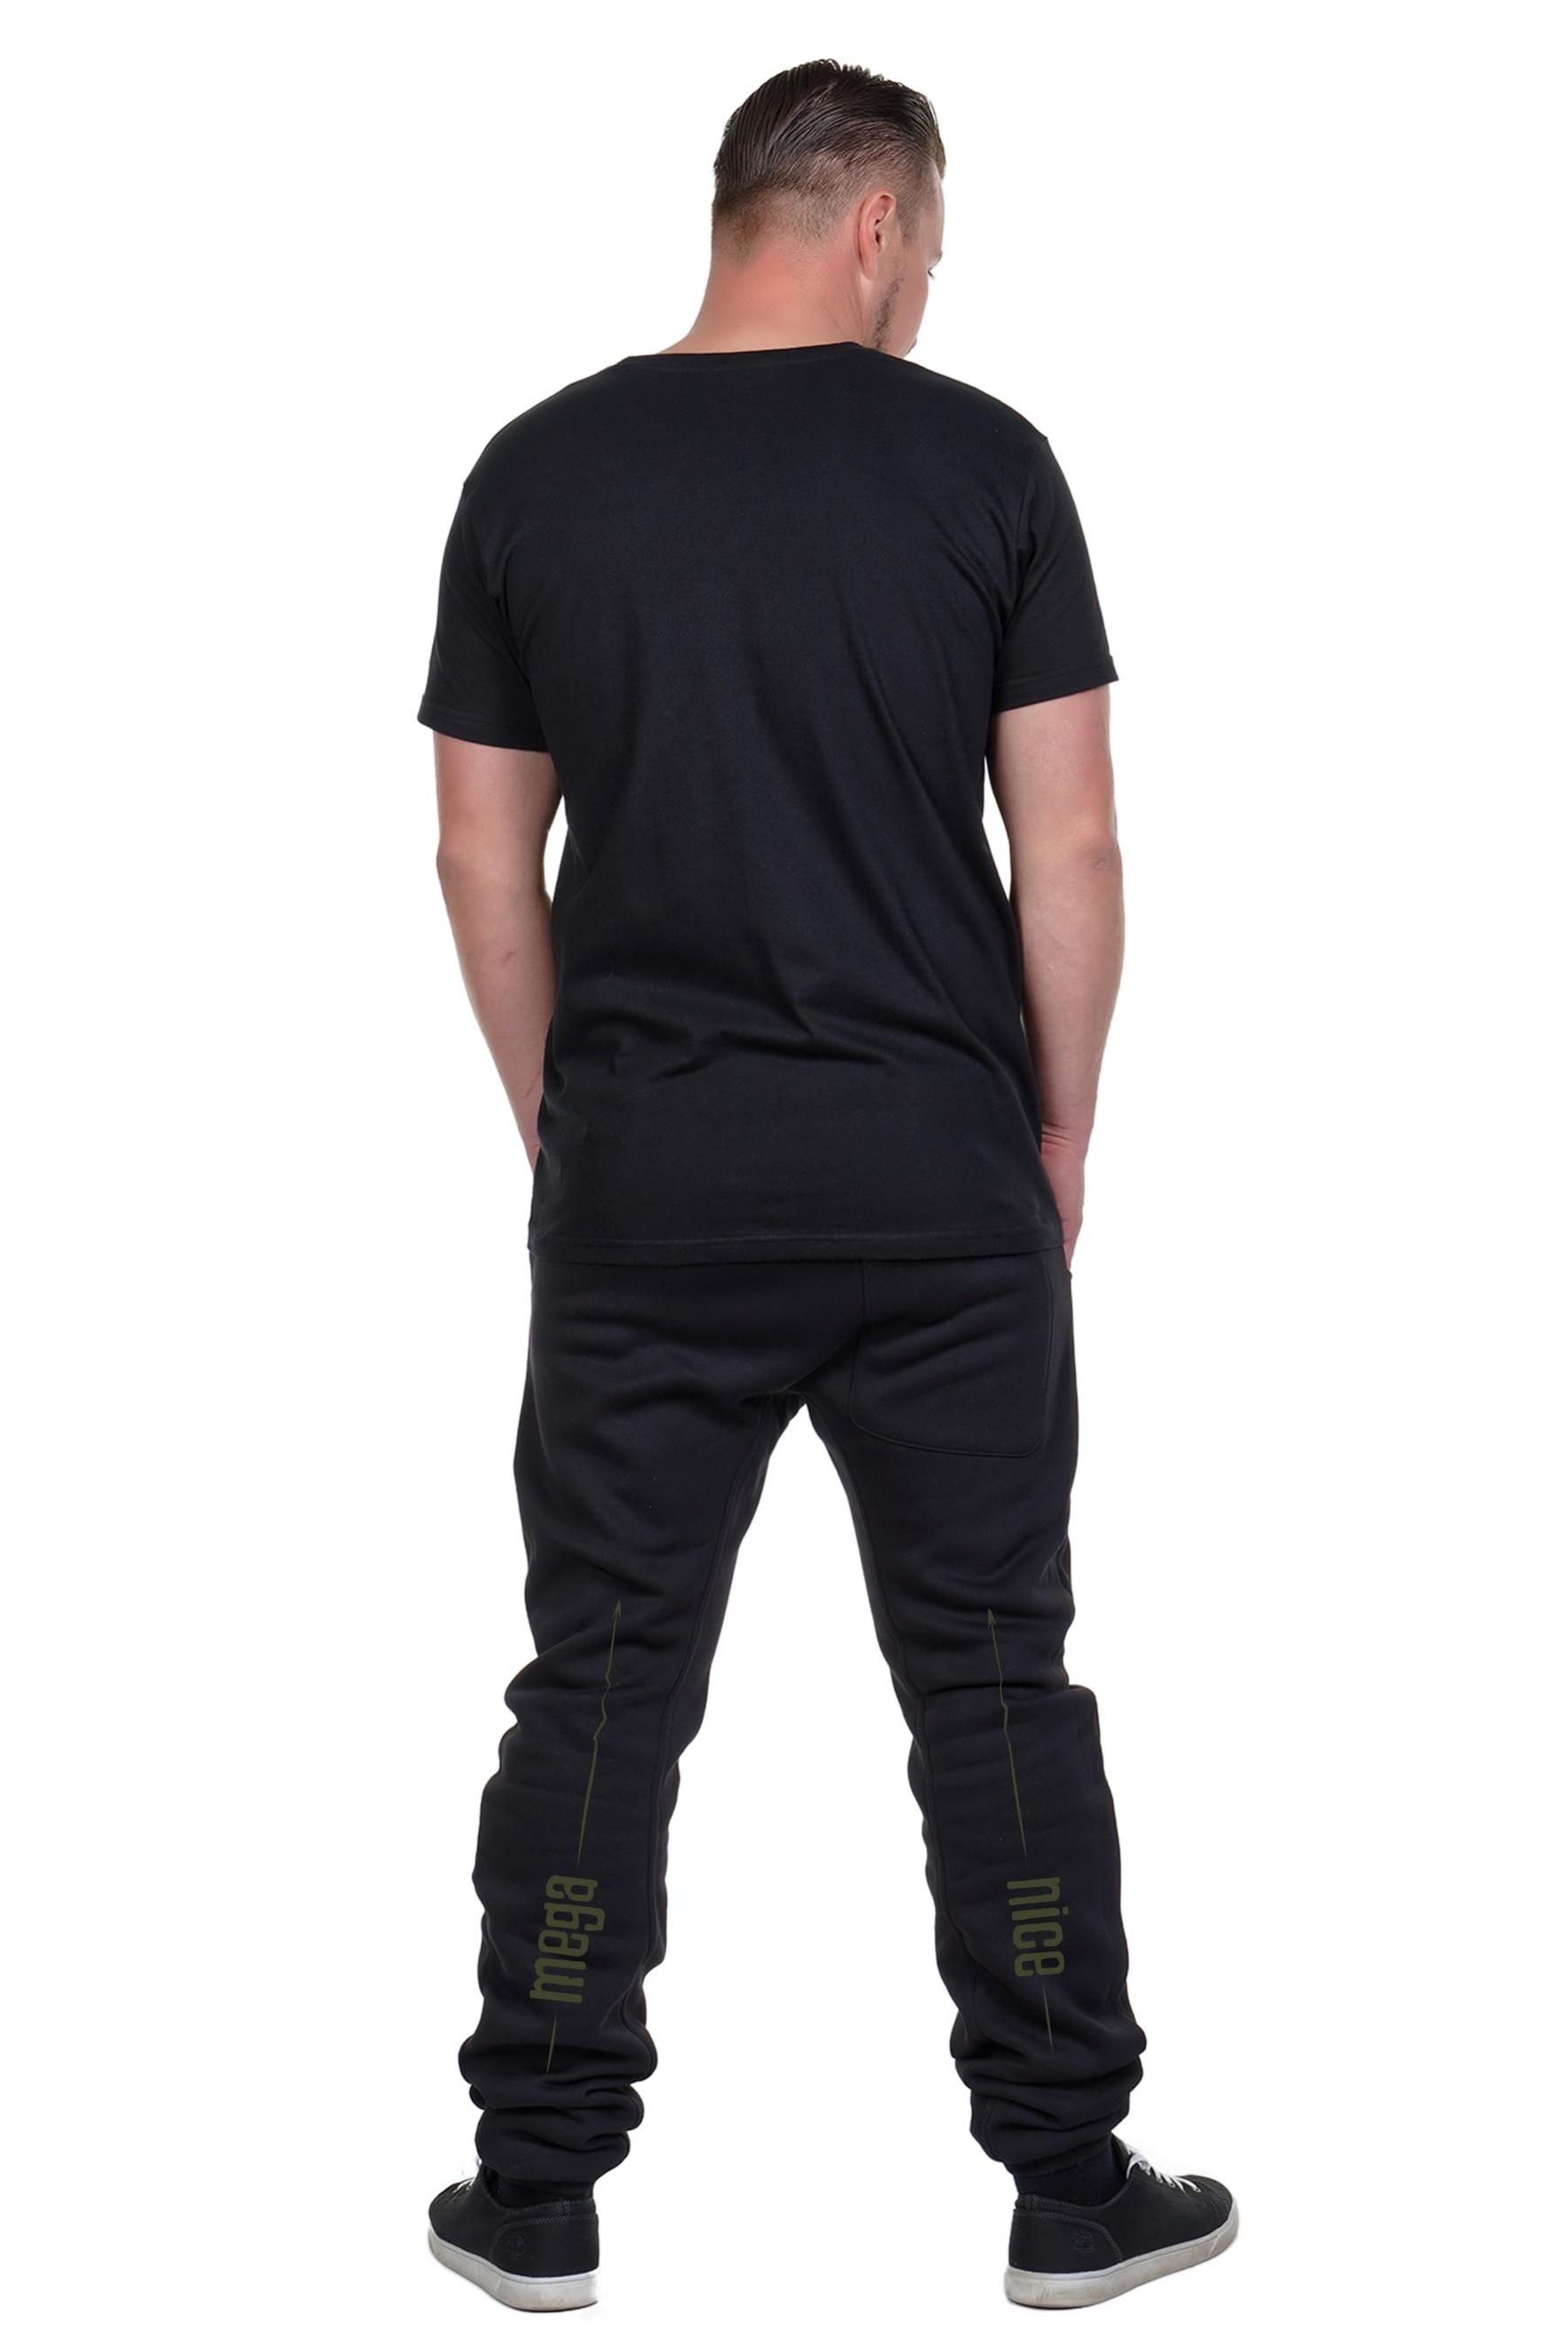 Spree Pants Männer Mega Nice